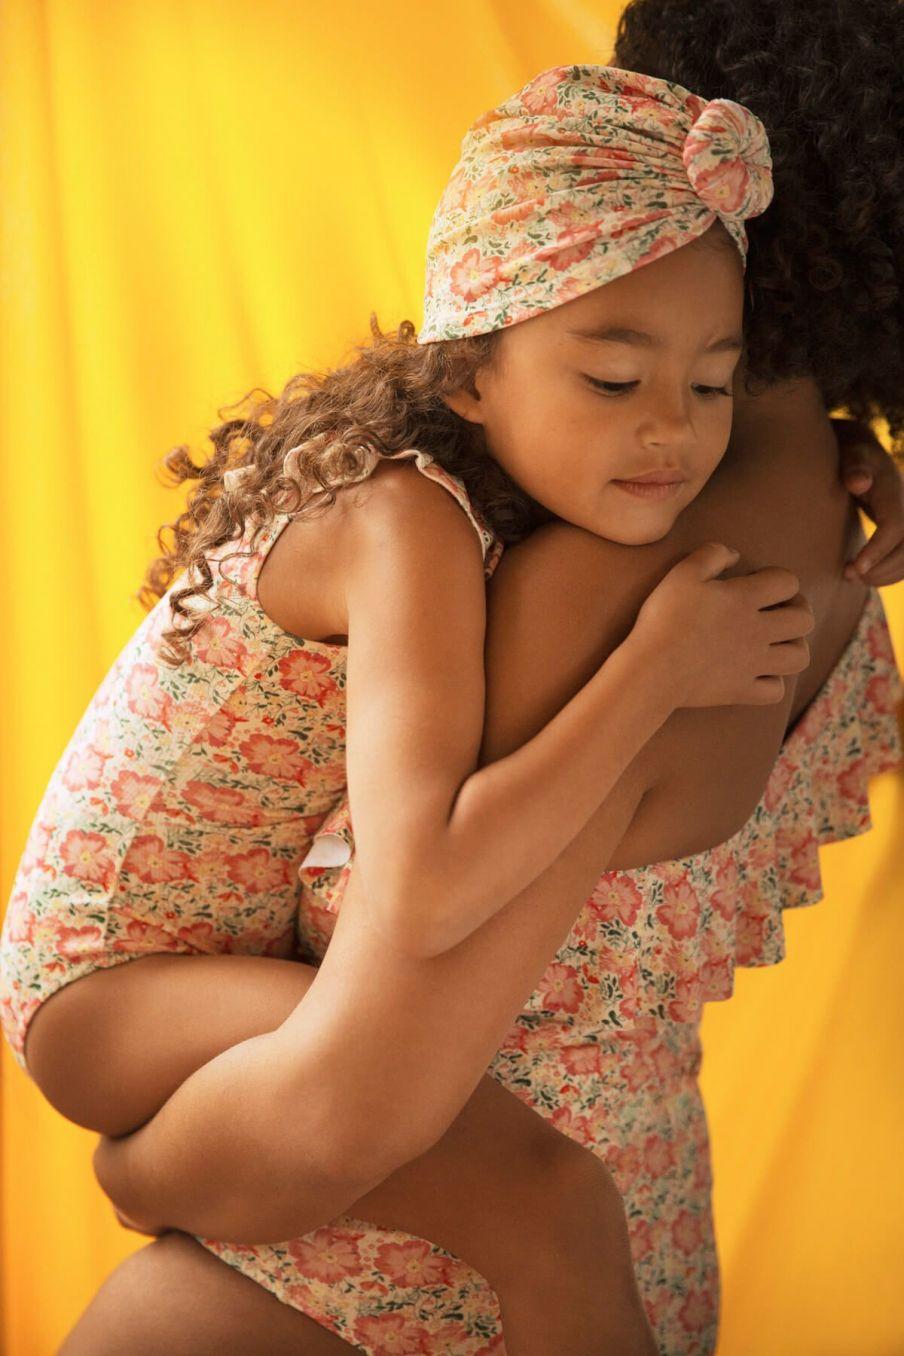 boheme chic vintage maillot de bain femme copacabana pink meadow